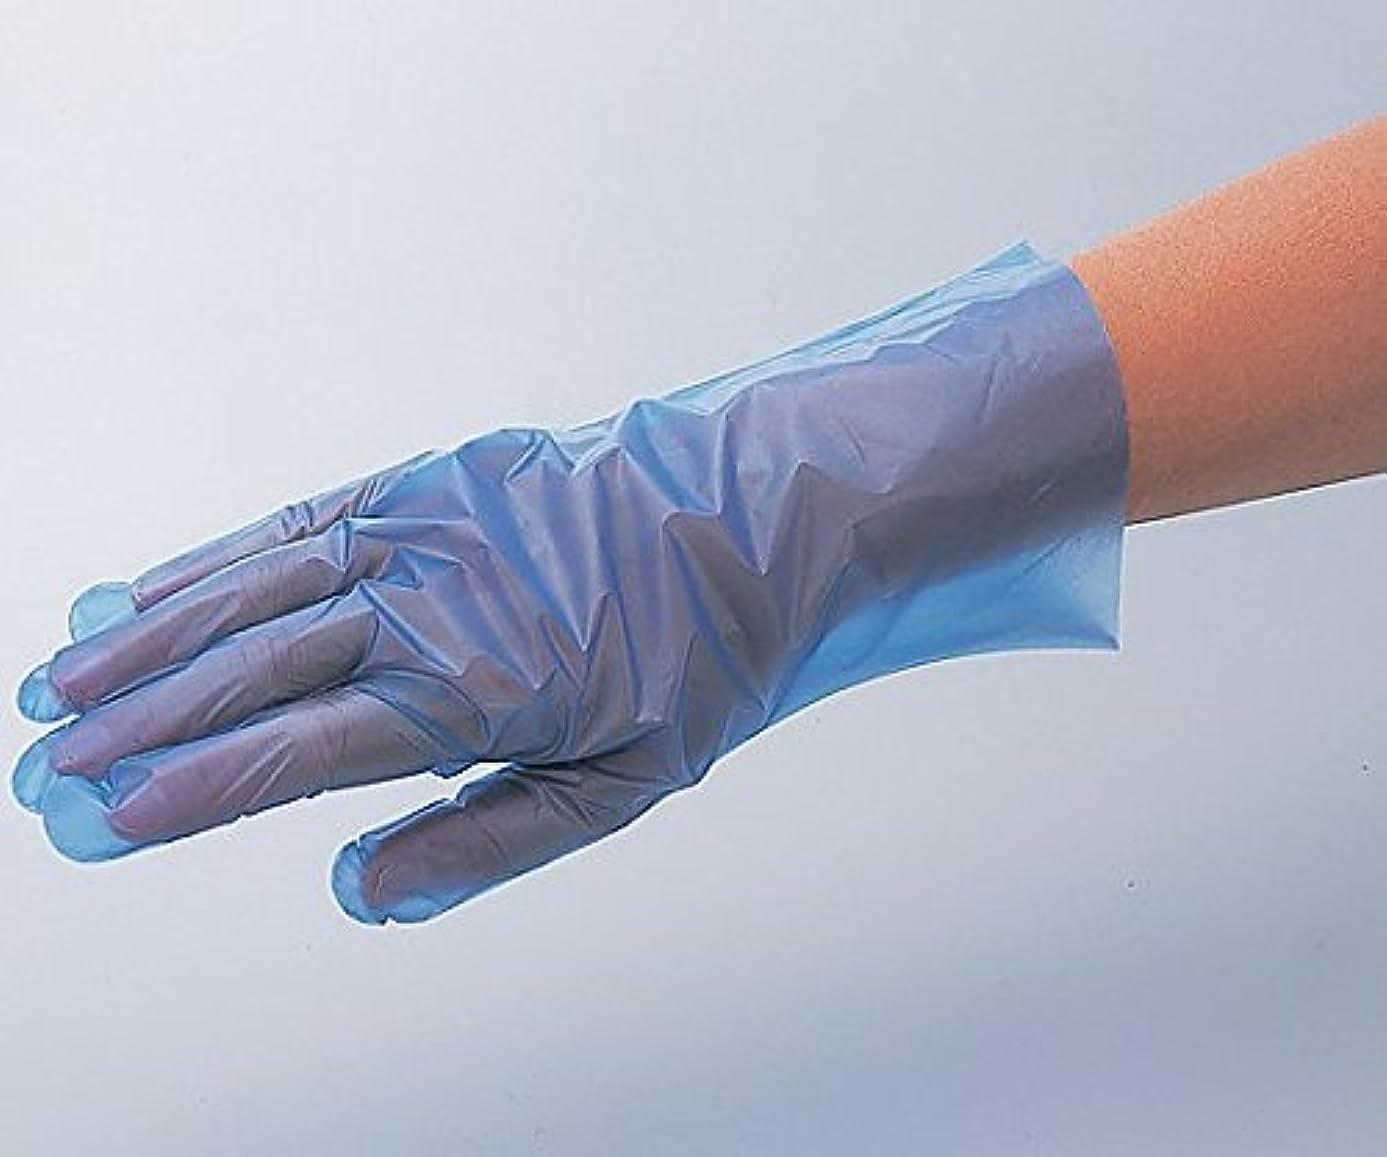 ホイッスル義務付けられたかけがえのないアズワン6-9730-04サニーノール手袋エコロジーブルーショートL200枚入